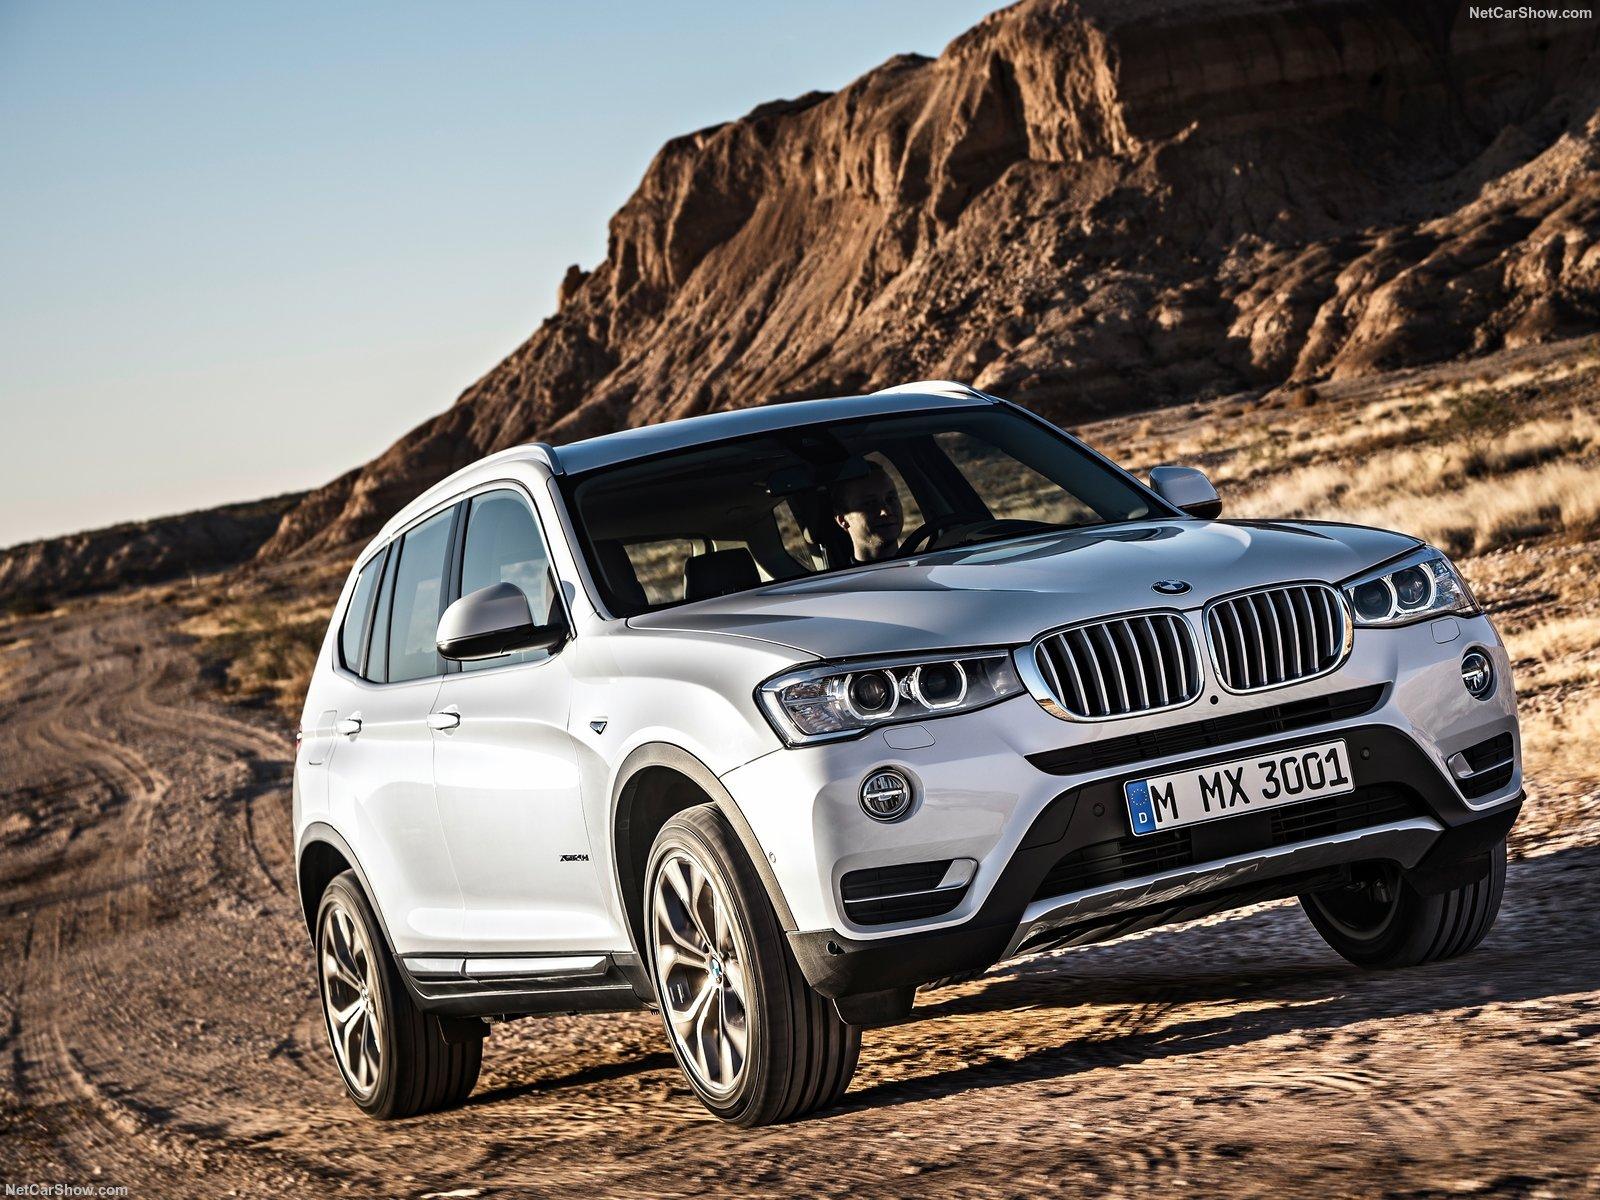 Новый BMW X3 2020 2021 года: цена, фото, видео || Новый БМВ X3 2017-2018 фото цена комплектация характеристики дата выхода модели